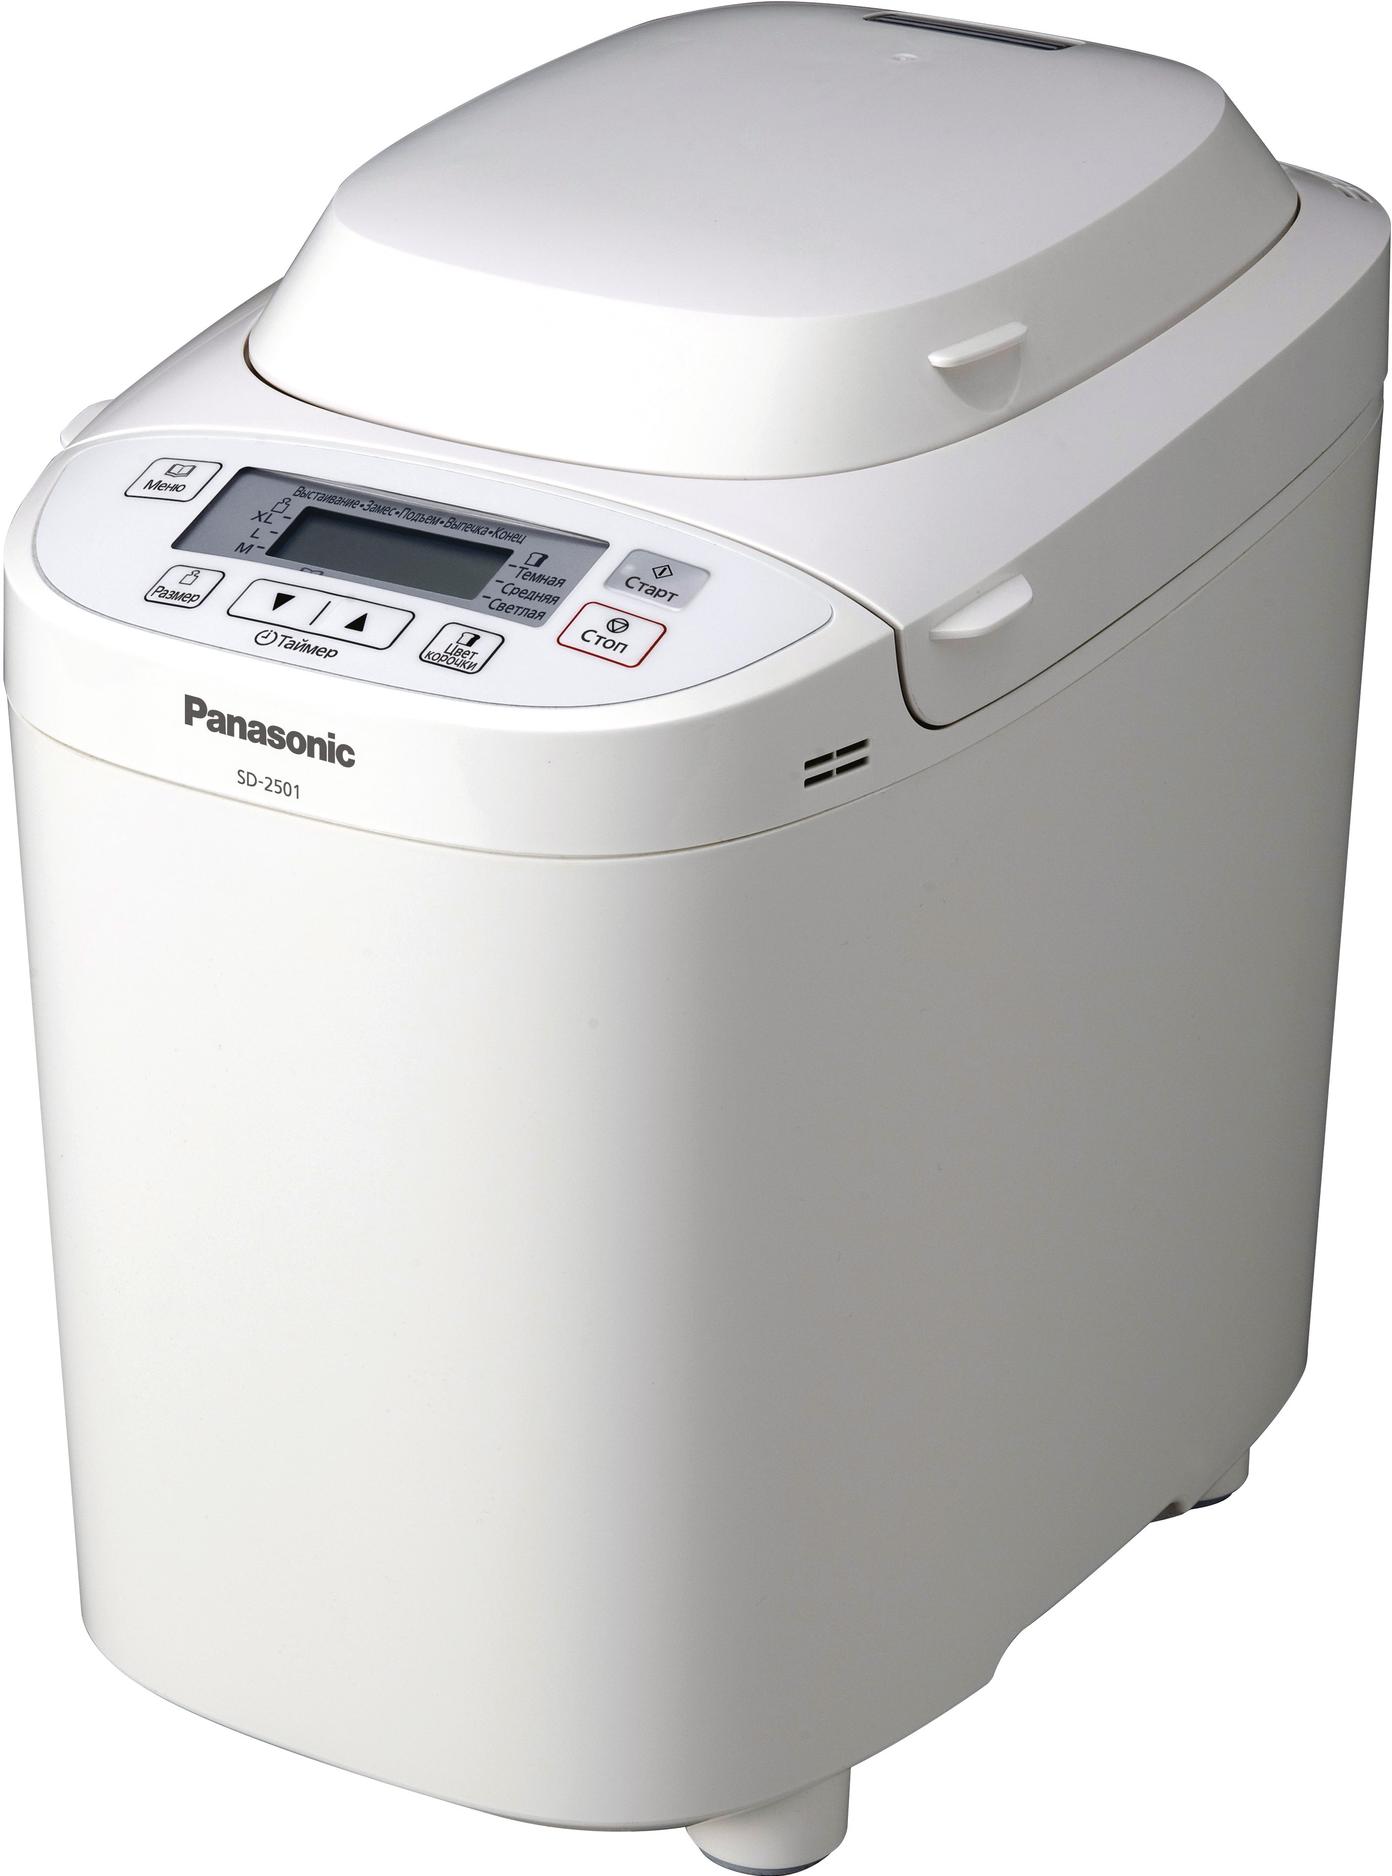 Хлебопечка Panasonic SD-2501WTSХлебопечки<br><br><br>Тип: Хлебопечь<br>Максимальный вес выпечки, г: 1025<br>Мощность, Вт: 550<br>Выбор цвета корочки: Есть<br>Таймер: Есть<br>Поддержание температуры: Есть<br>Диспенсер: Есть